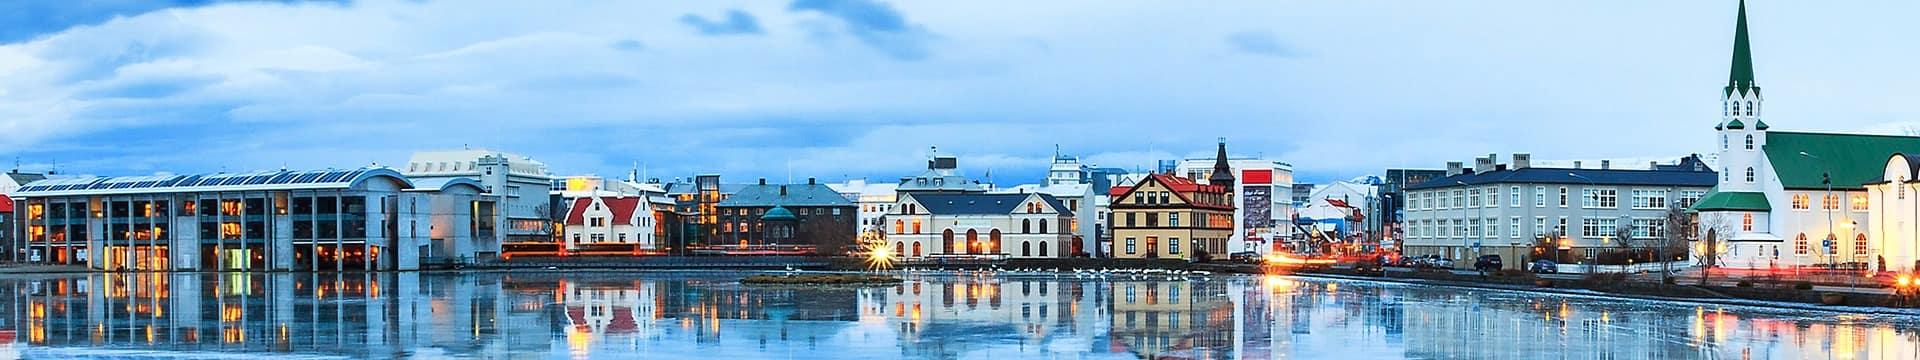 Skyline de Reykjavik, Islândia